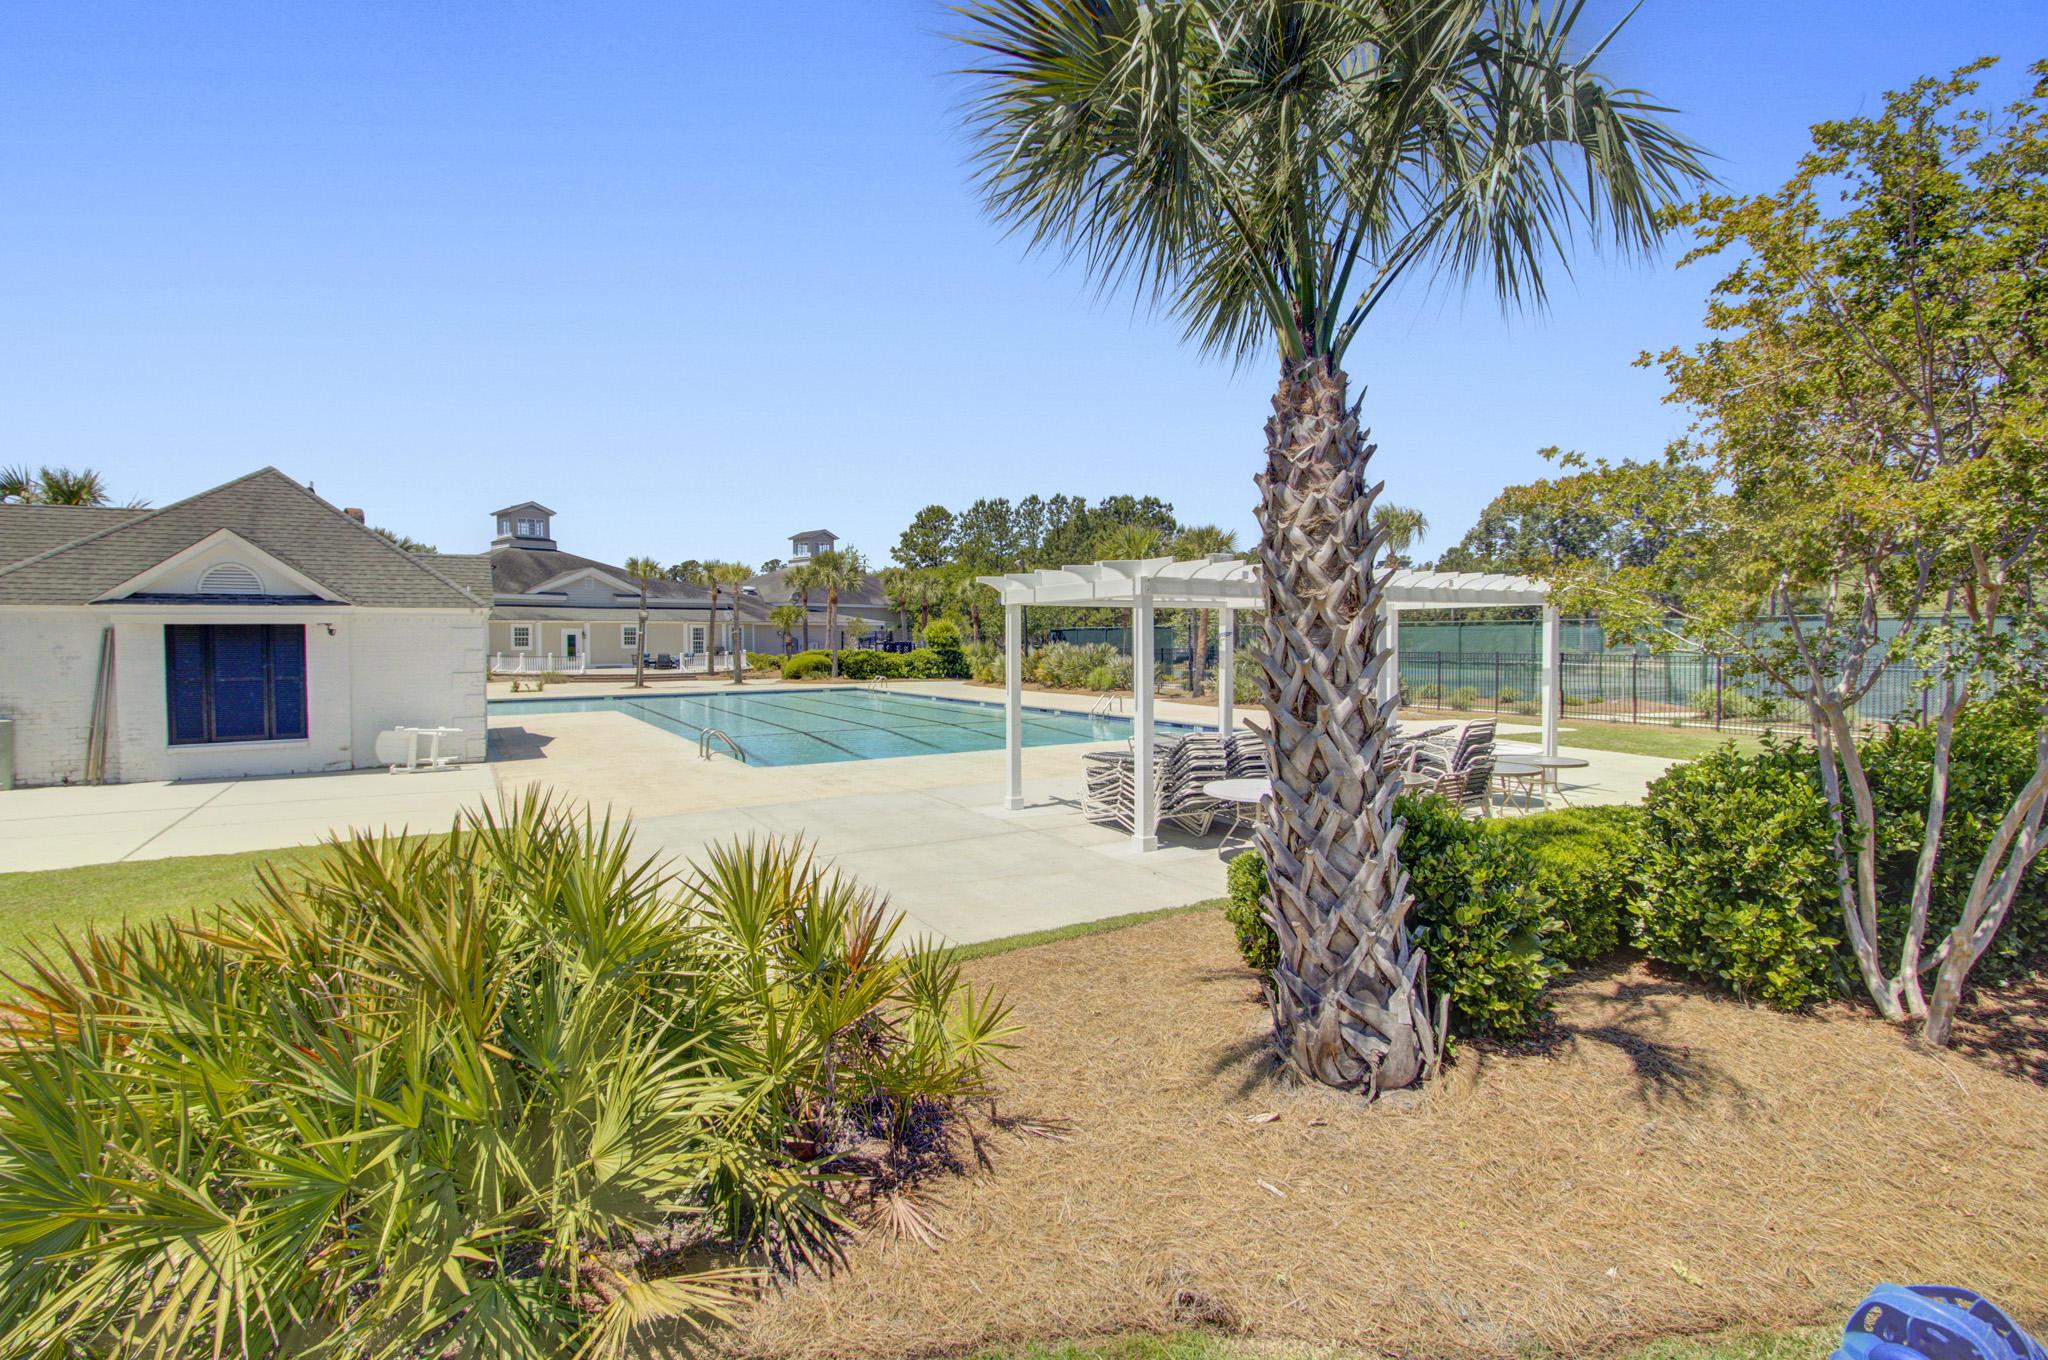 Dunes West Homes For Sale - 1645 Pin Oak Cut, Mount Pleasant, SC - 15